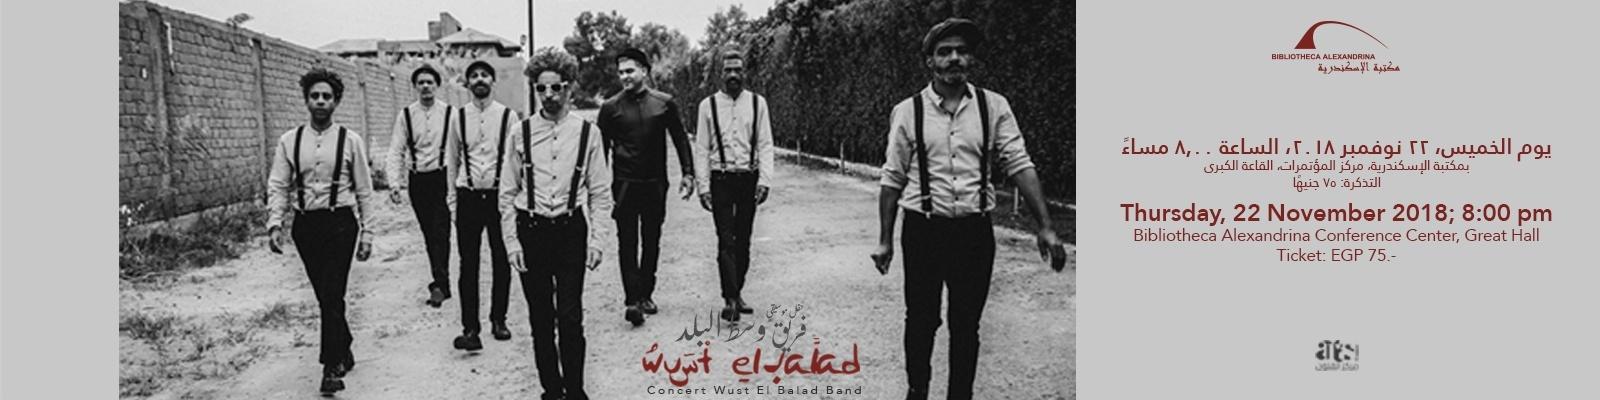 Concert: Wust el Balad Band